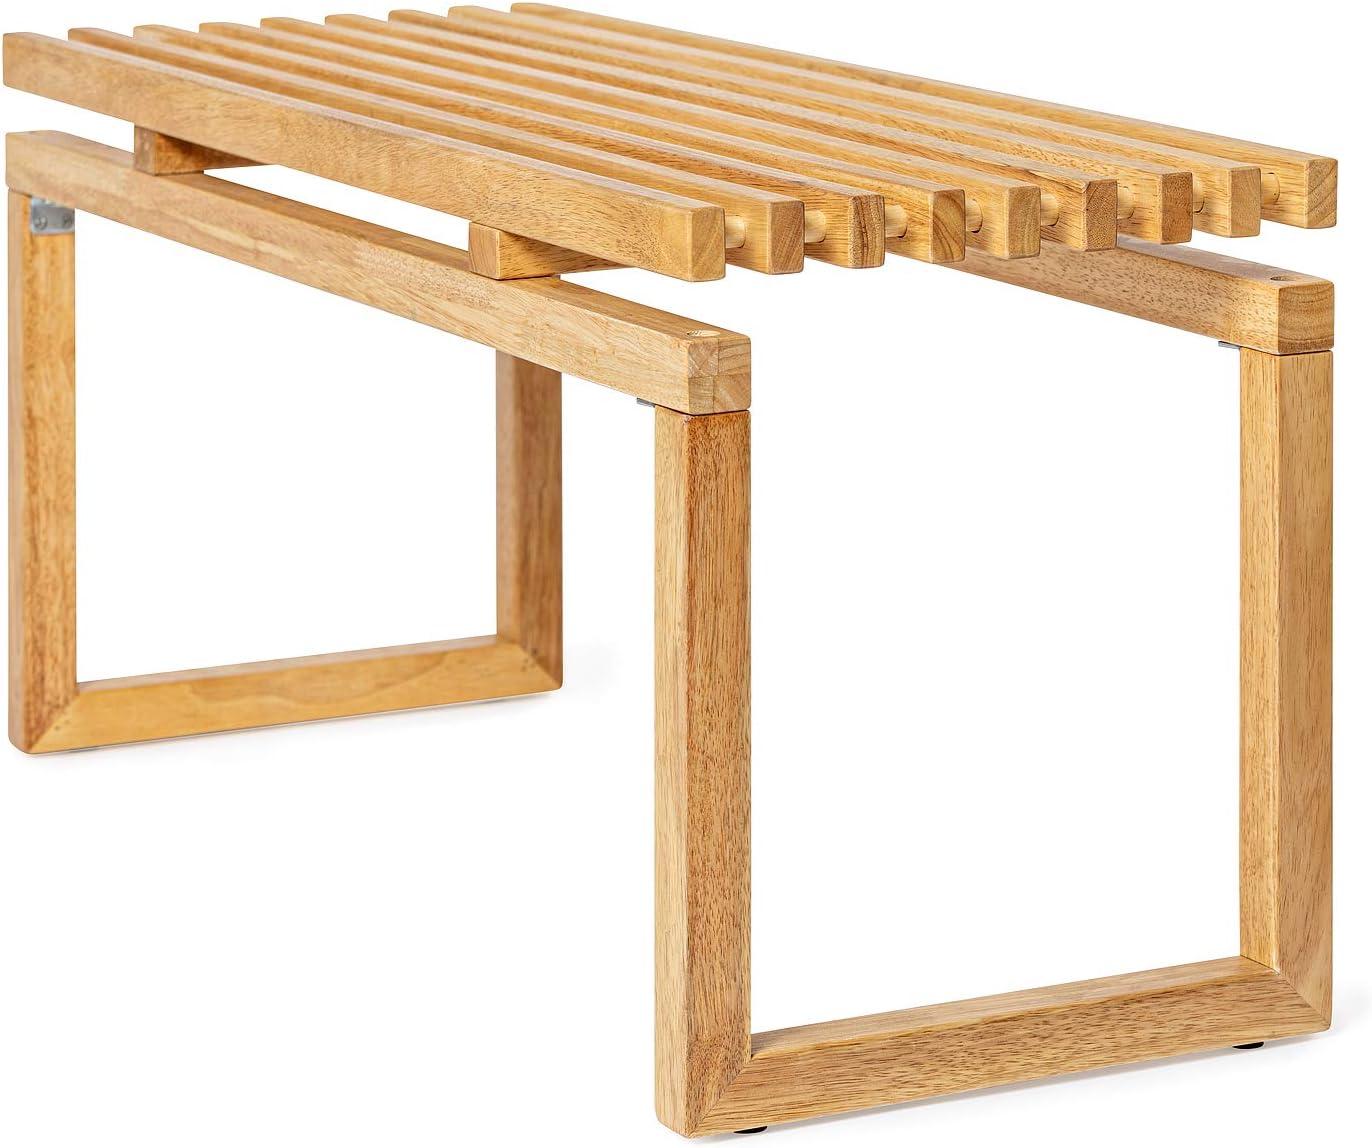 Deliano - Banco de madera estilo Bauhaus maciza, con espacio de almacenamiento de 90 cm de ancho: Amazon.es: Hogar